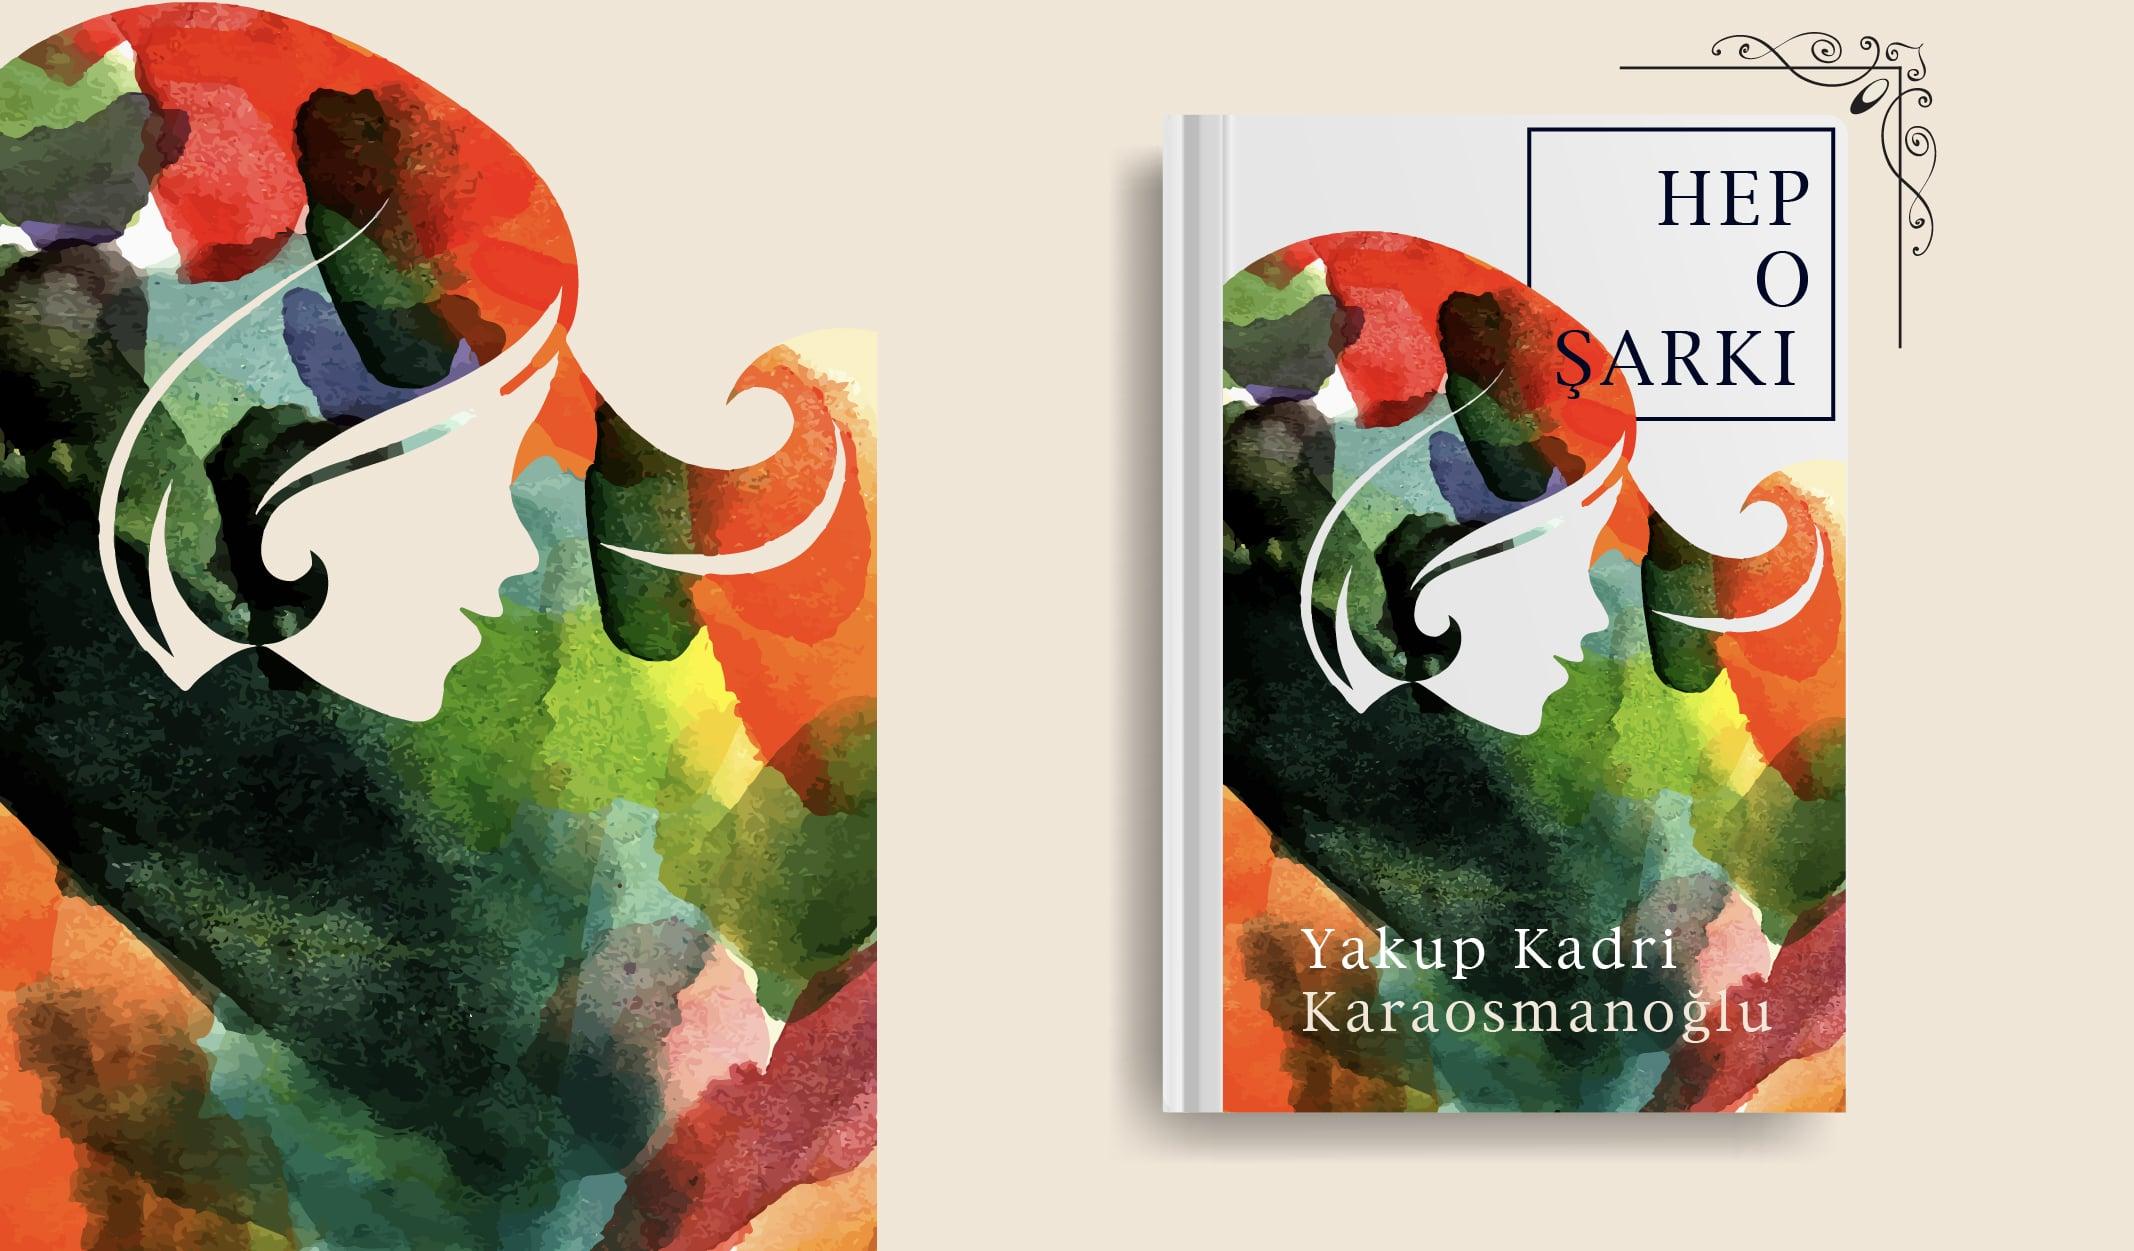 türk edebiyatı, osmanlı roman